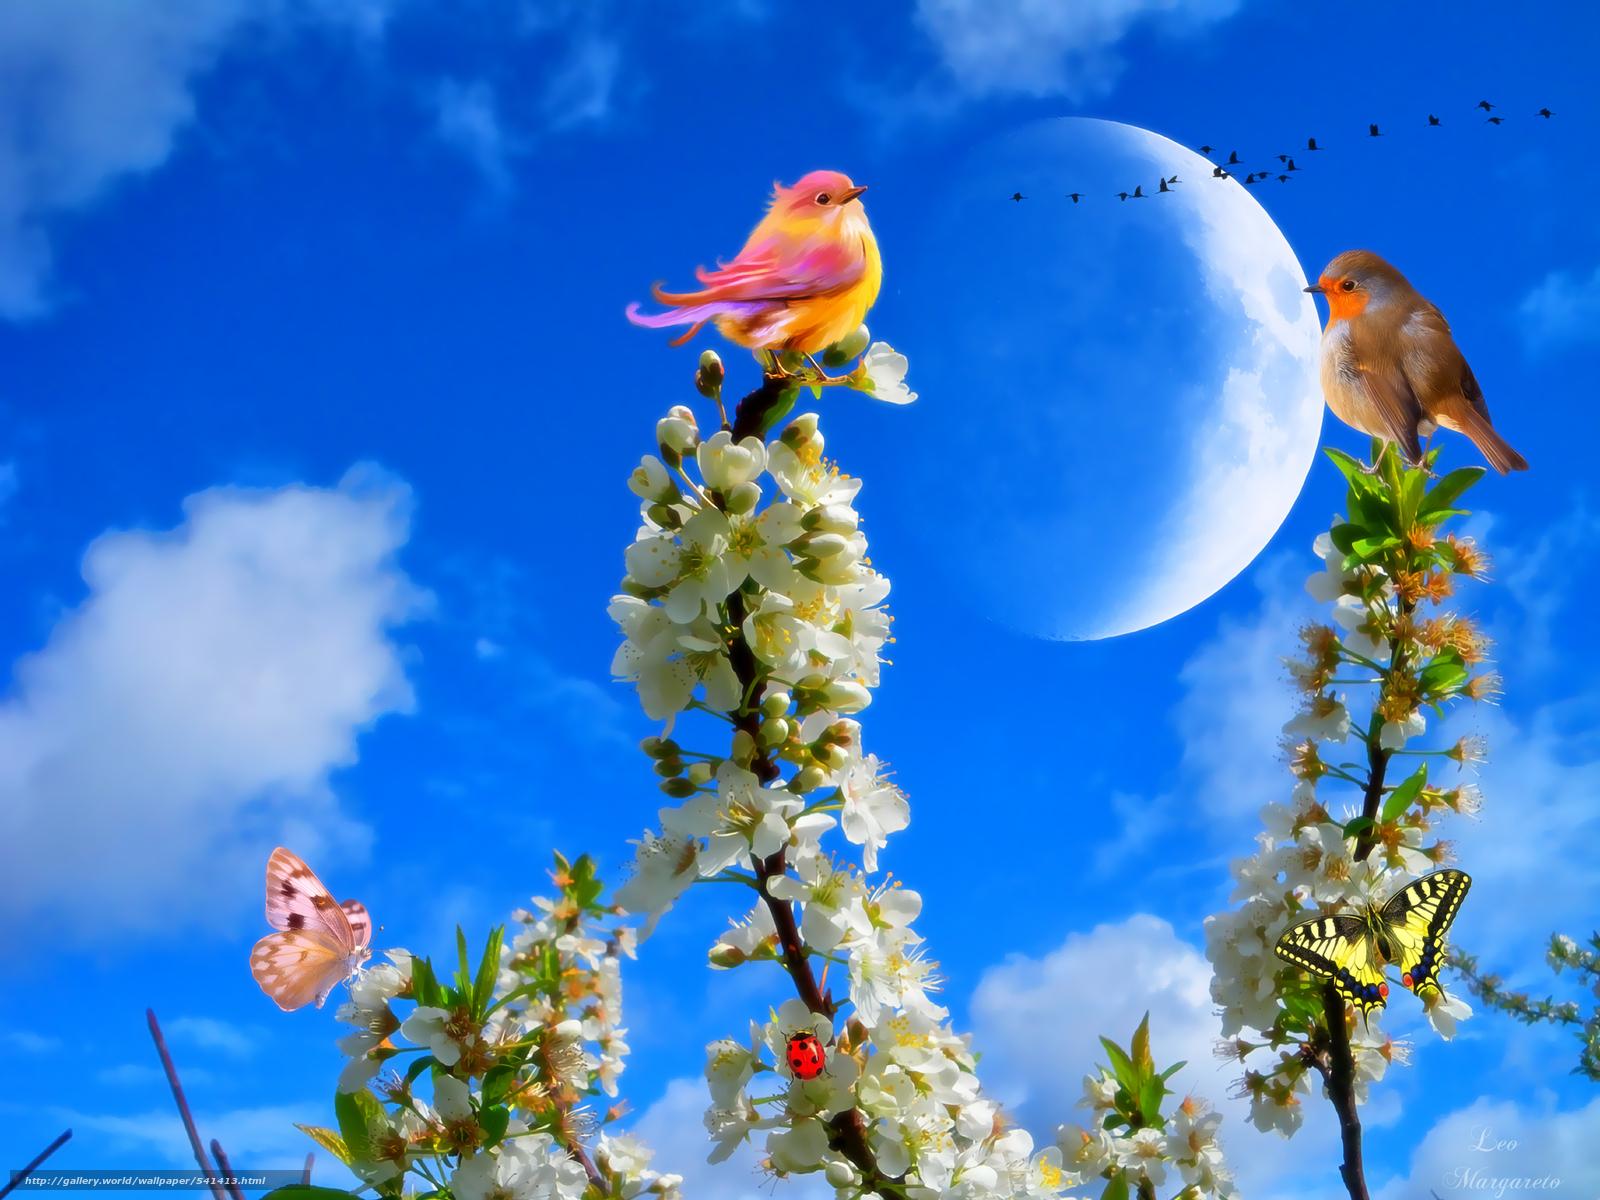 Tlcharger Fond D'Ecran Branch, Fleurs, Oiseaux, Papillon tout Fond D'?Cran Gratuit D'Oiseaux